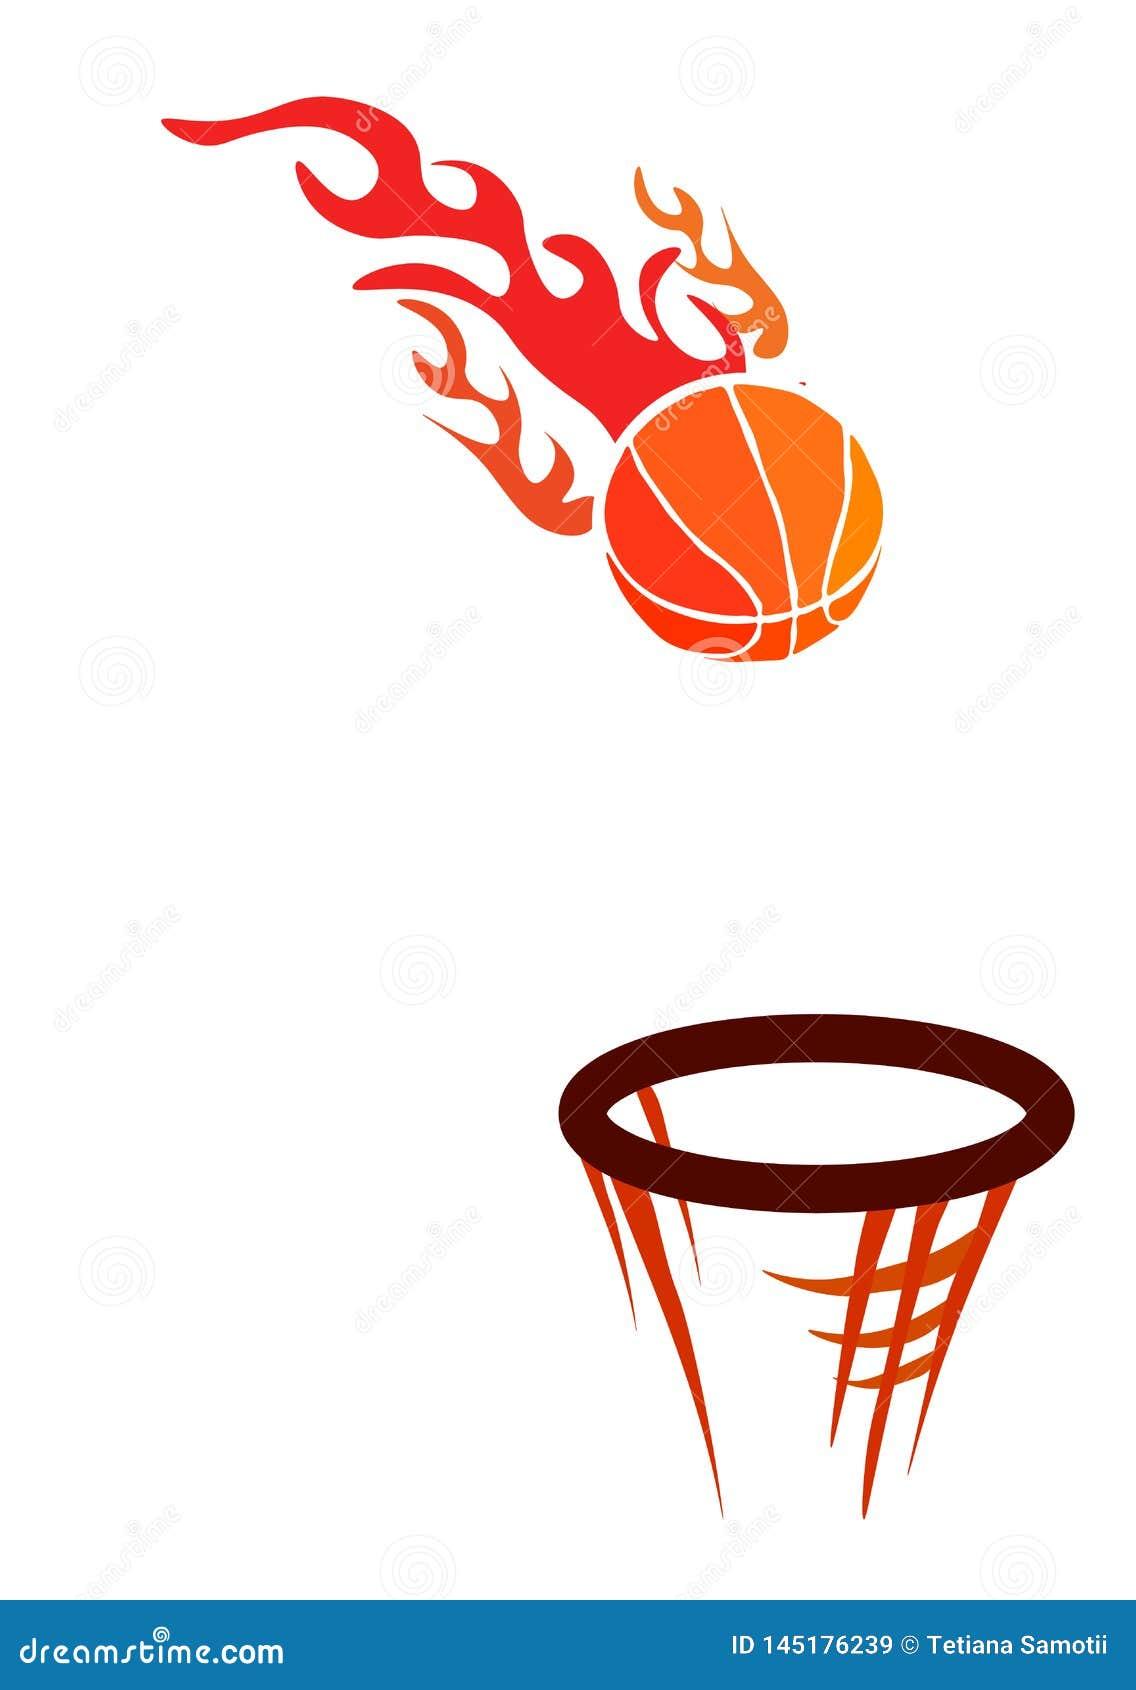 Web Logo de vecteur pour un club de basket-ball, se composant d une boule brûlante de basket-ball de flamme orange du feu dans un